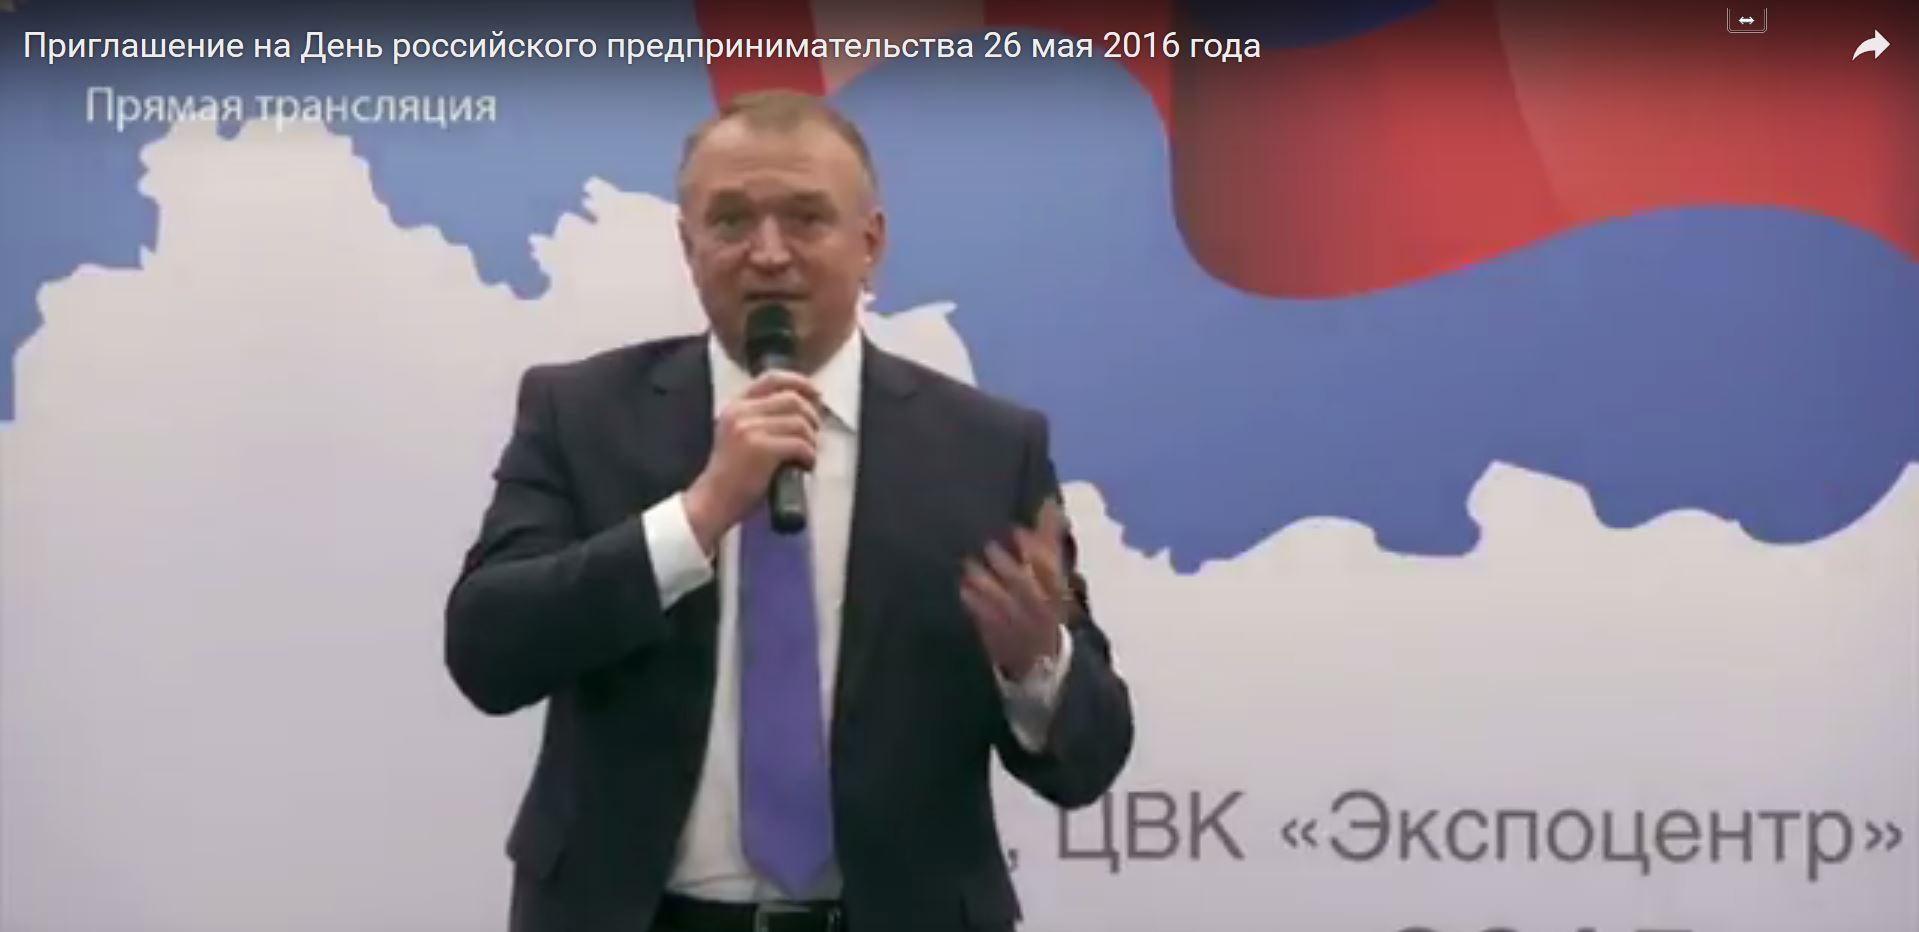 Губернатор поздравление с днем российского предпринимательства